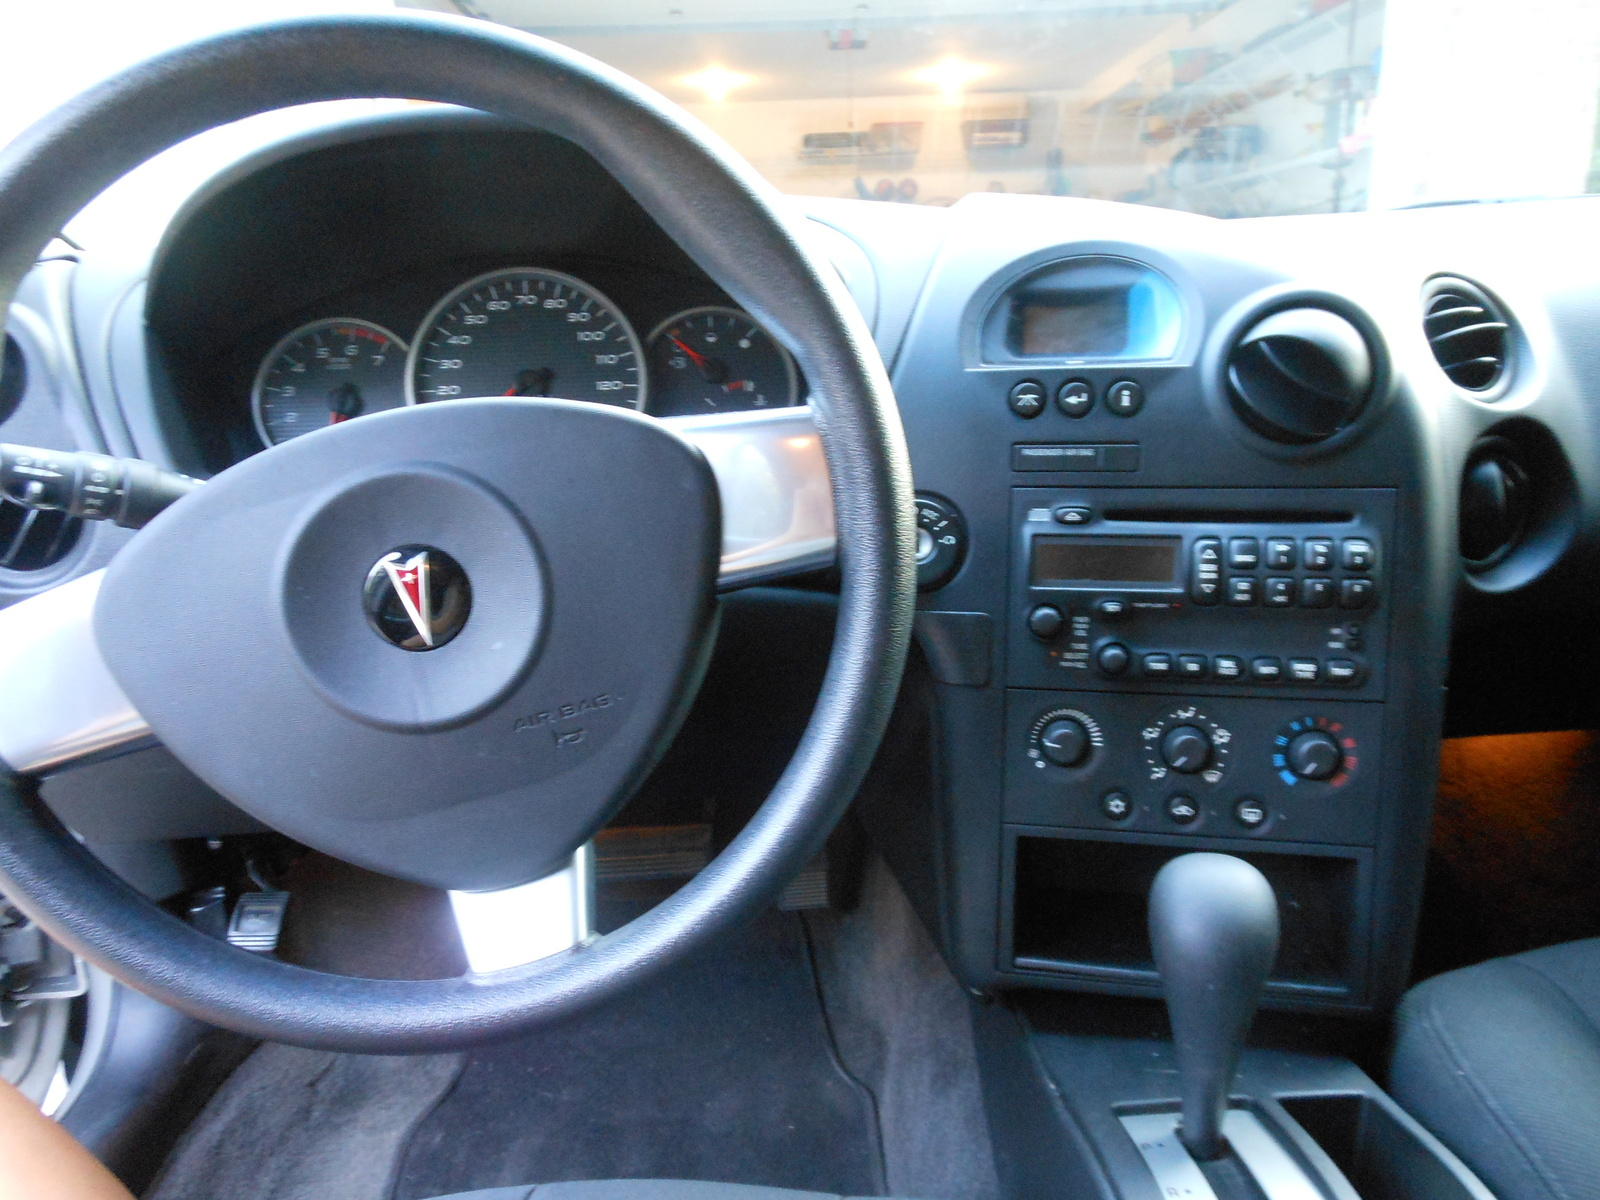 2008 Pontiac Grand Prix Interior Pictures Cargurus